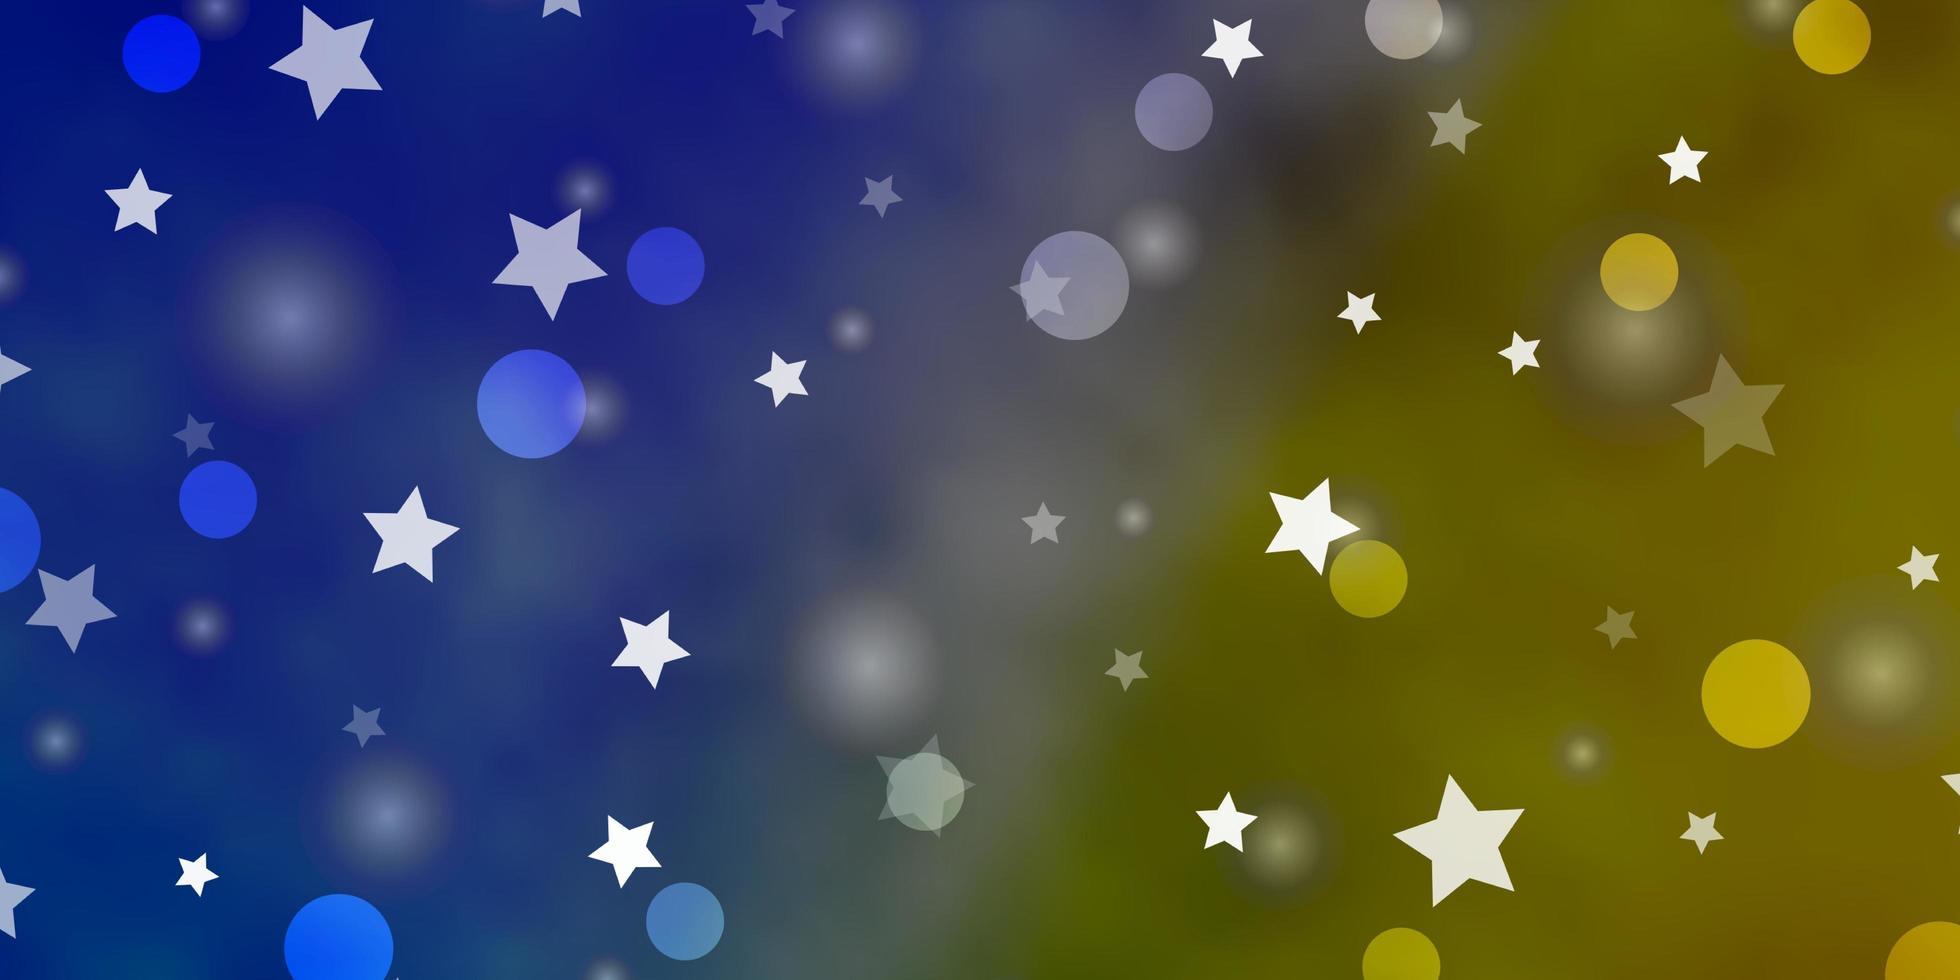 blauwe, gele achtergrond met cirkels, sterren. vector